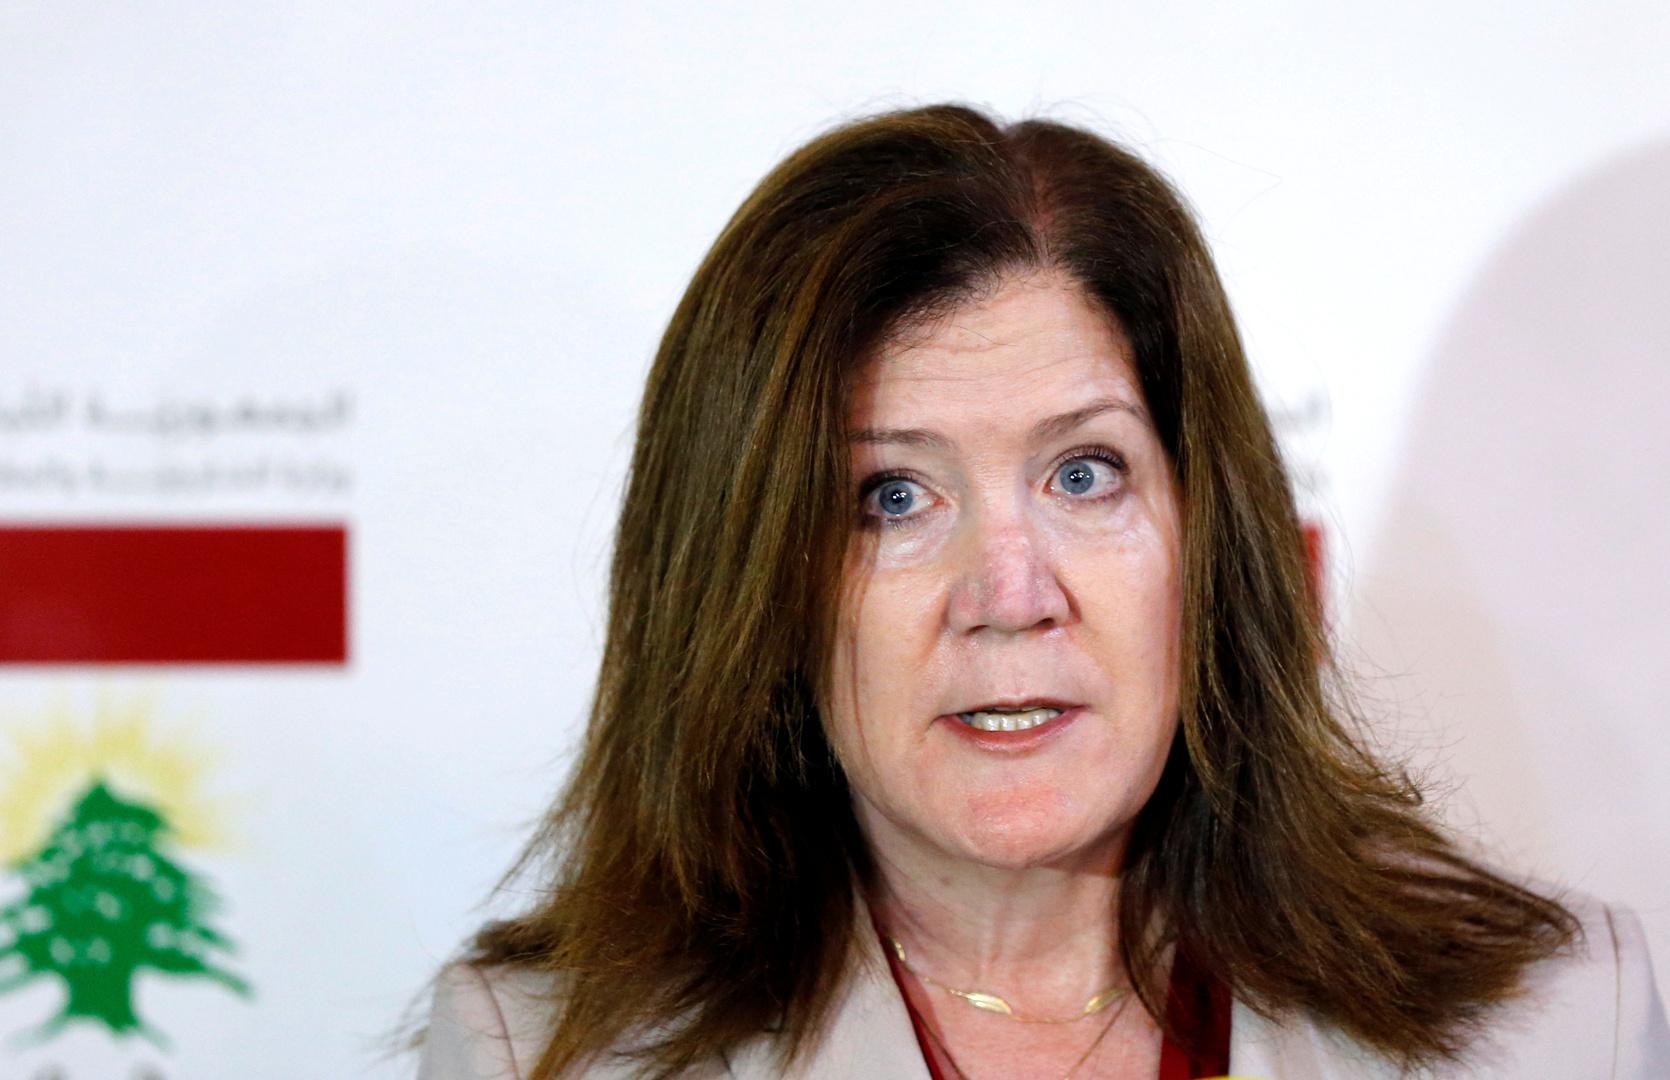 السفيرة الأمريكية: واشنطن لا تحرم اللبنانيين من الدولارات